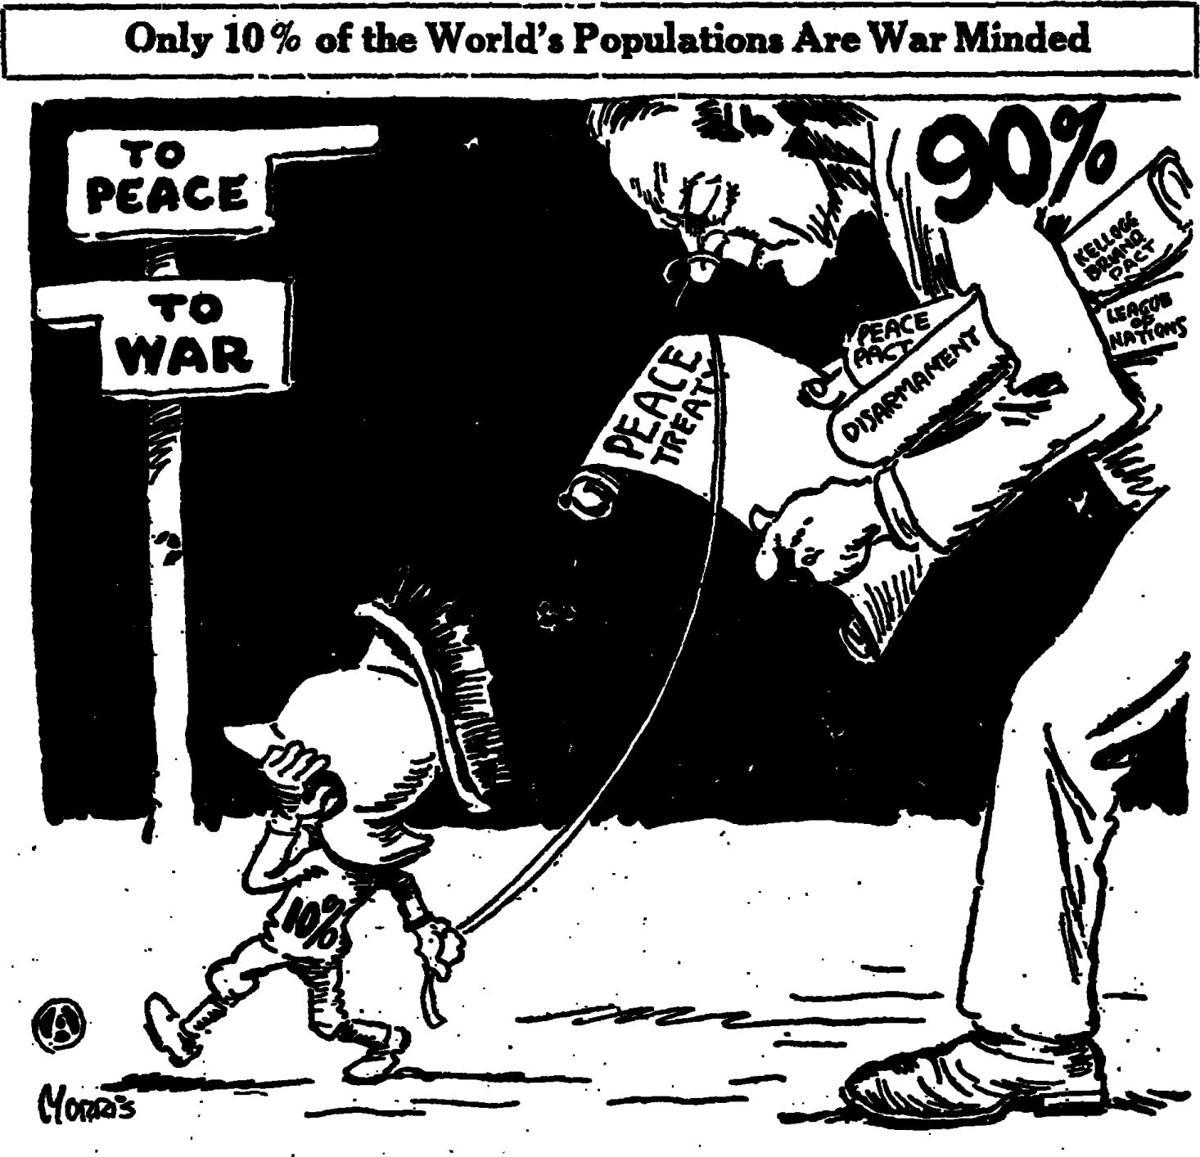 FB 01 26 1934 10 per War Minded.jpg